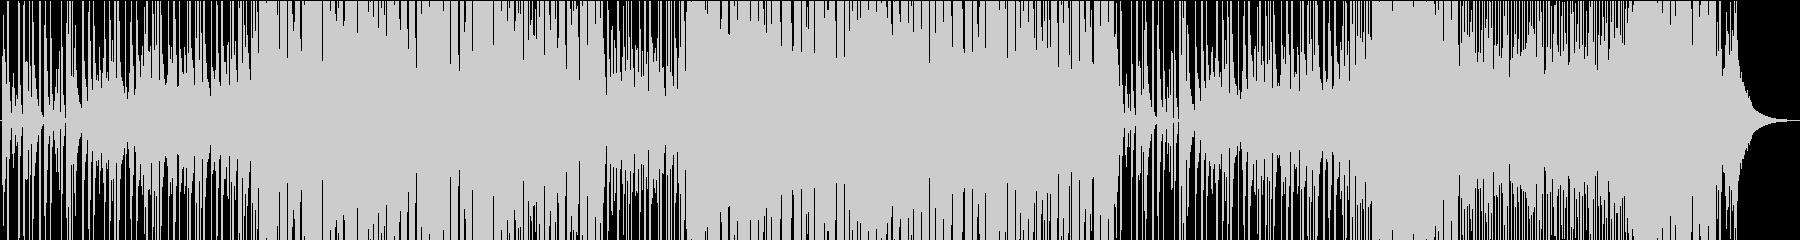 ウクレレ・アコギのほのぼのカントリーの未再生の波形